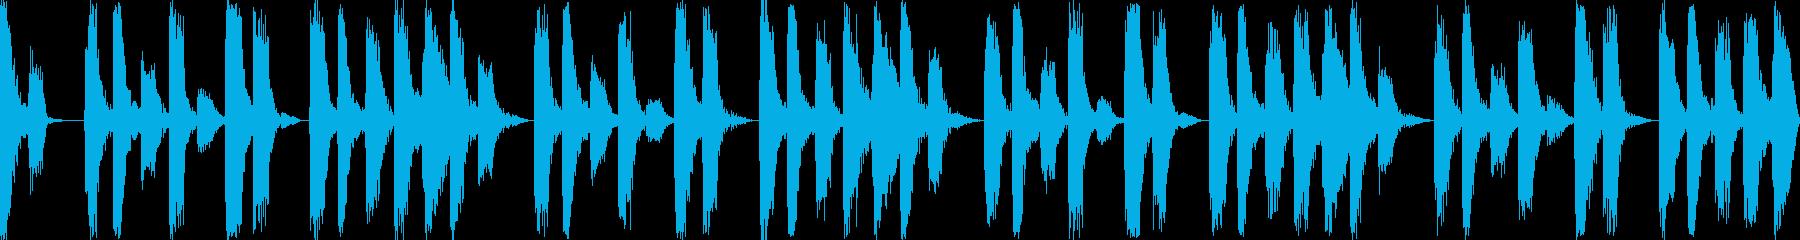 パズルゲーム向け待機画面BGM(ループ)の再生済みの波形